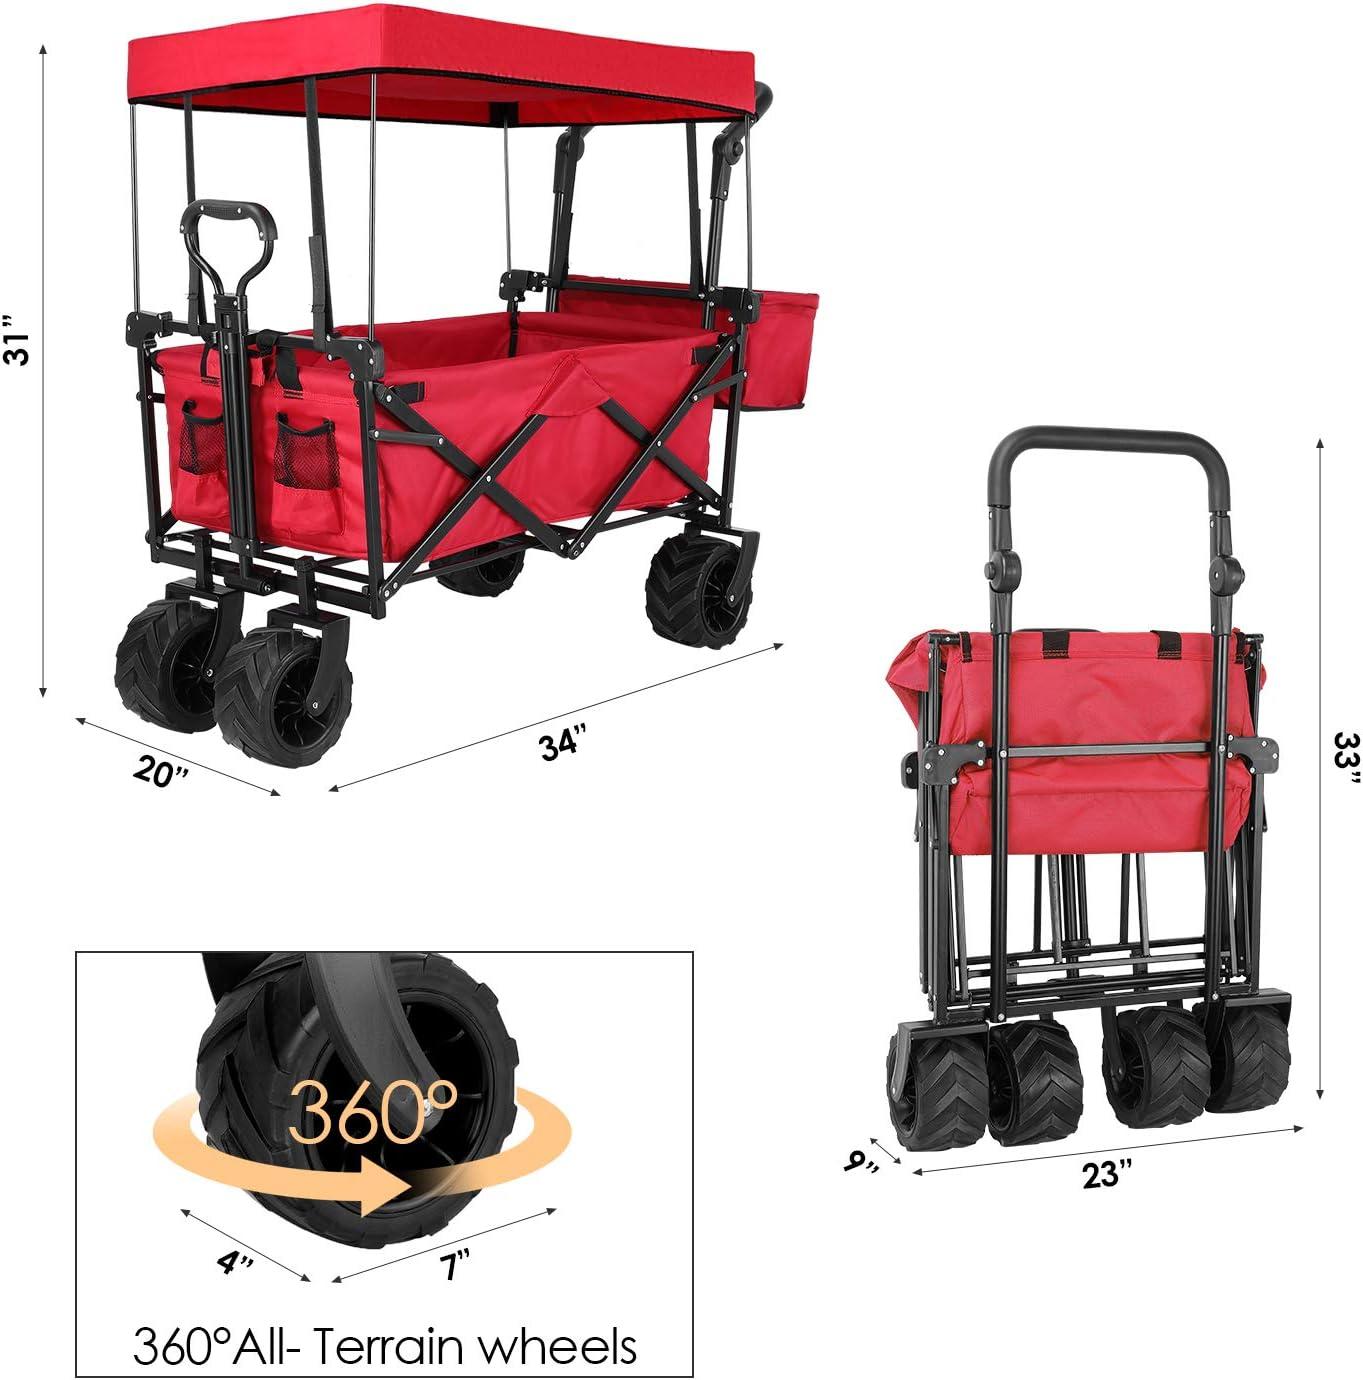 TOPWELL carro port/átil de carga m/áxima de 80 kg ruedas delanteras giratorias de 360 /° ruedas traseras correderas patentadas Carrito de mano plegable para todo terreno con dise/ño autom/ático